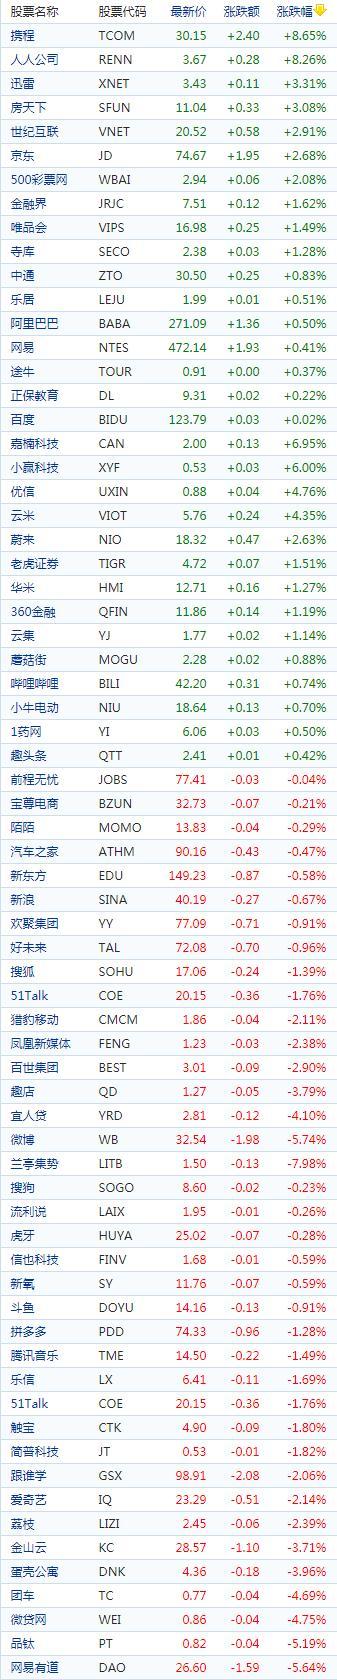 中国概念股周五收盘涨跌互现 携程大涨近9%